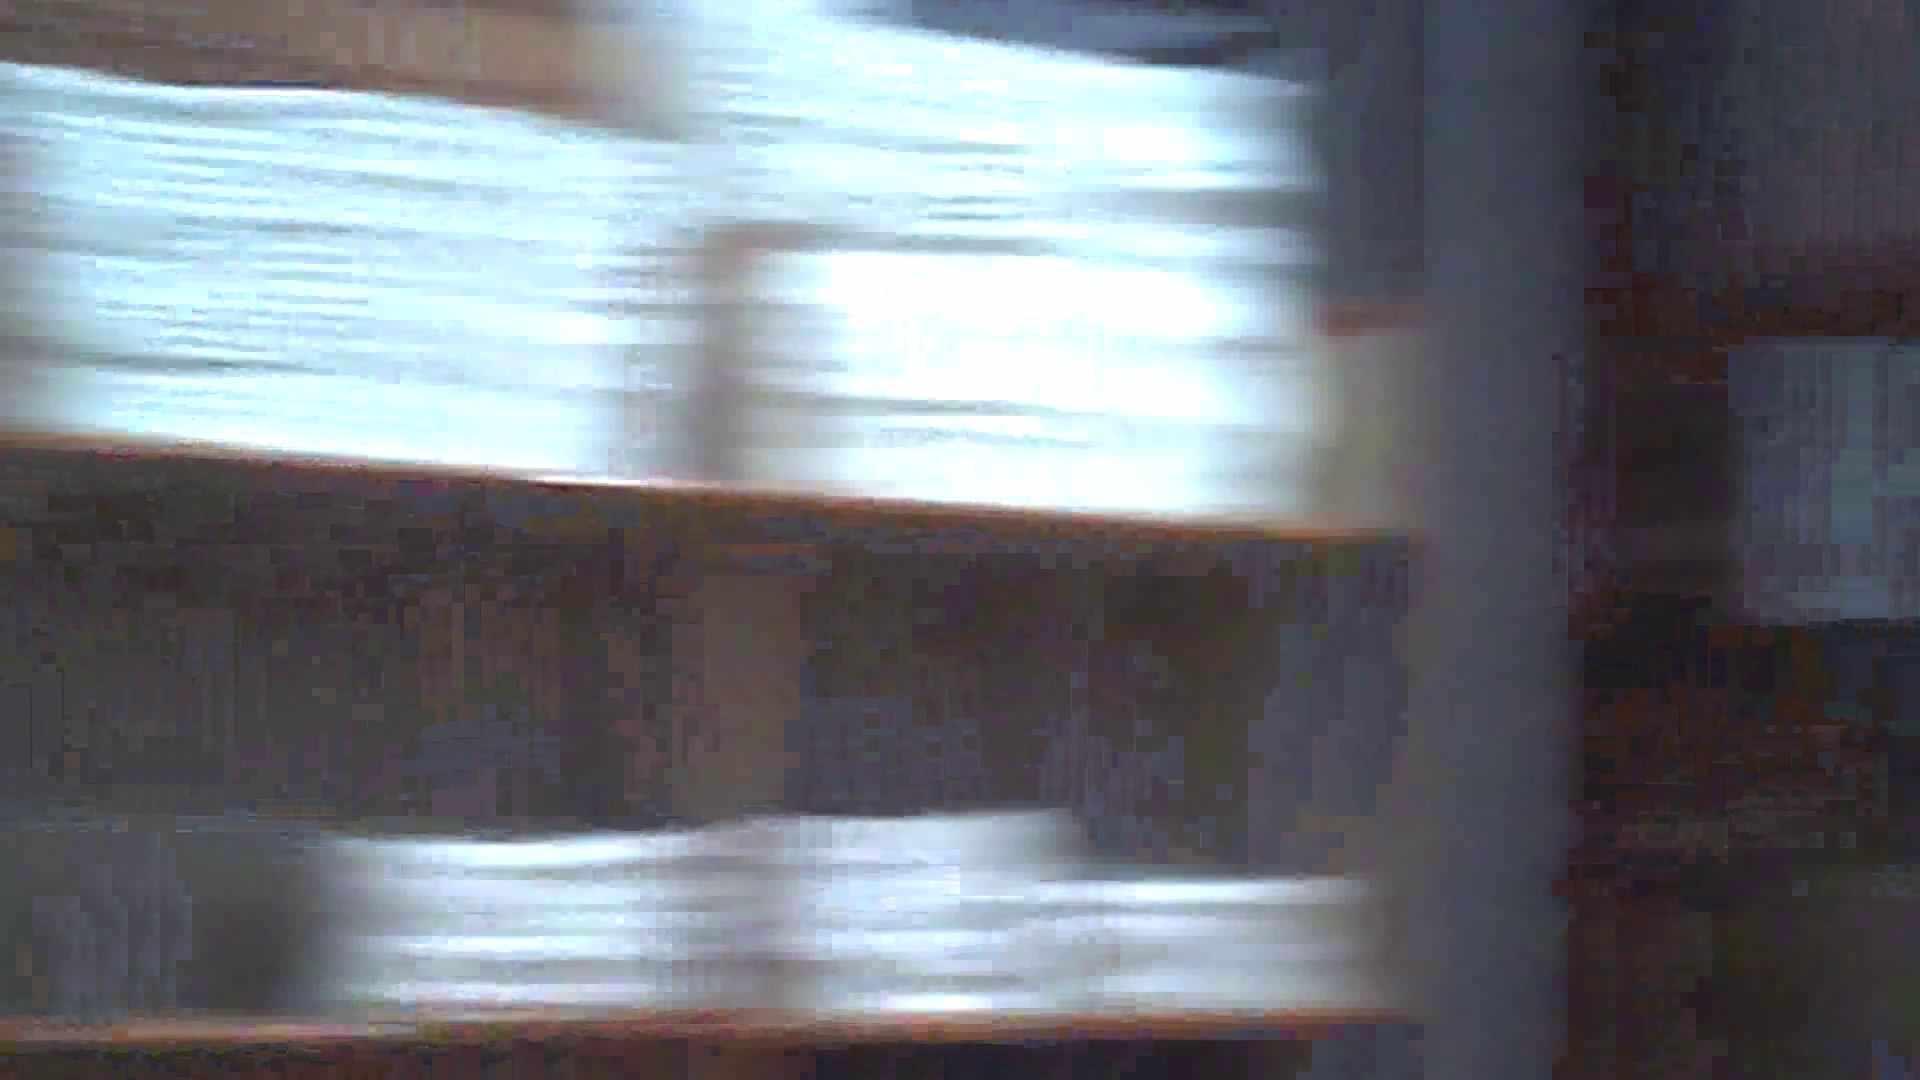 普段の貴方を隠し撮り Vol.06 隠し撮り放出   メンズの着替え  108画像 17